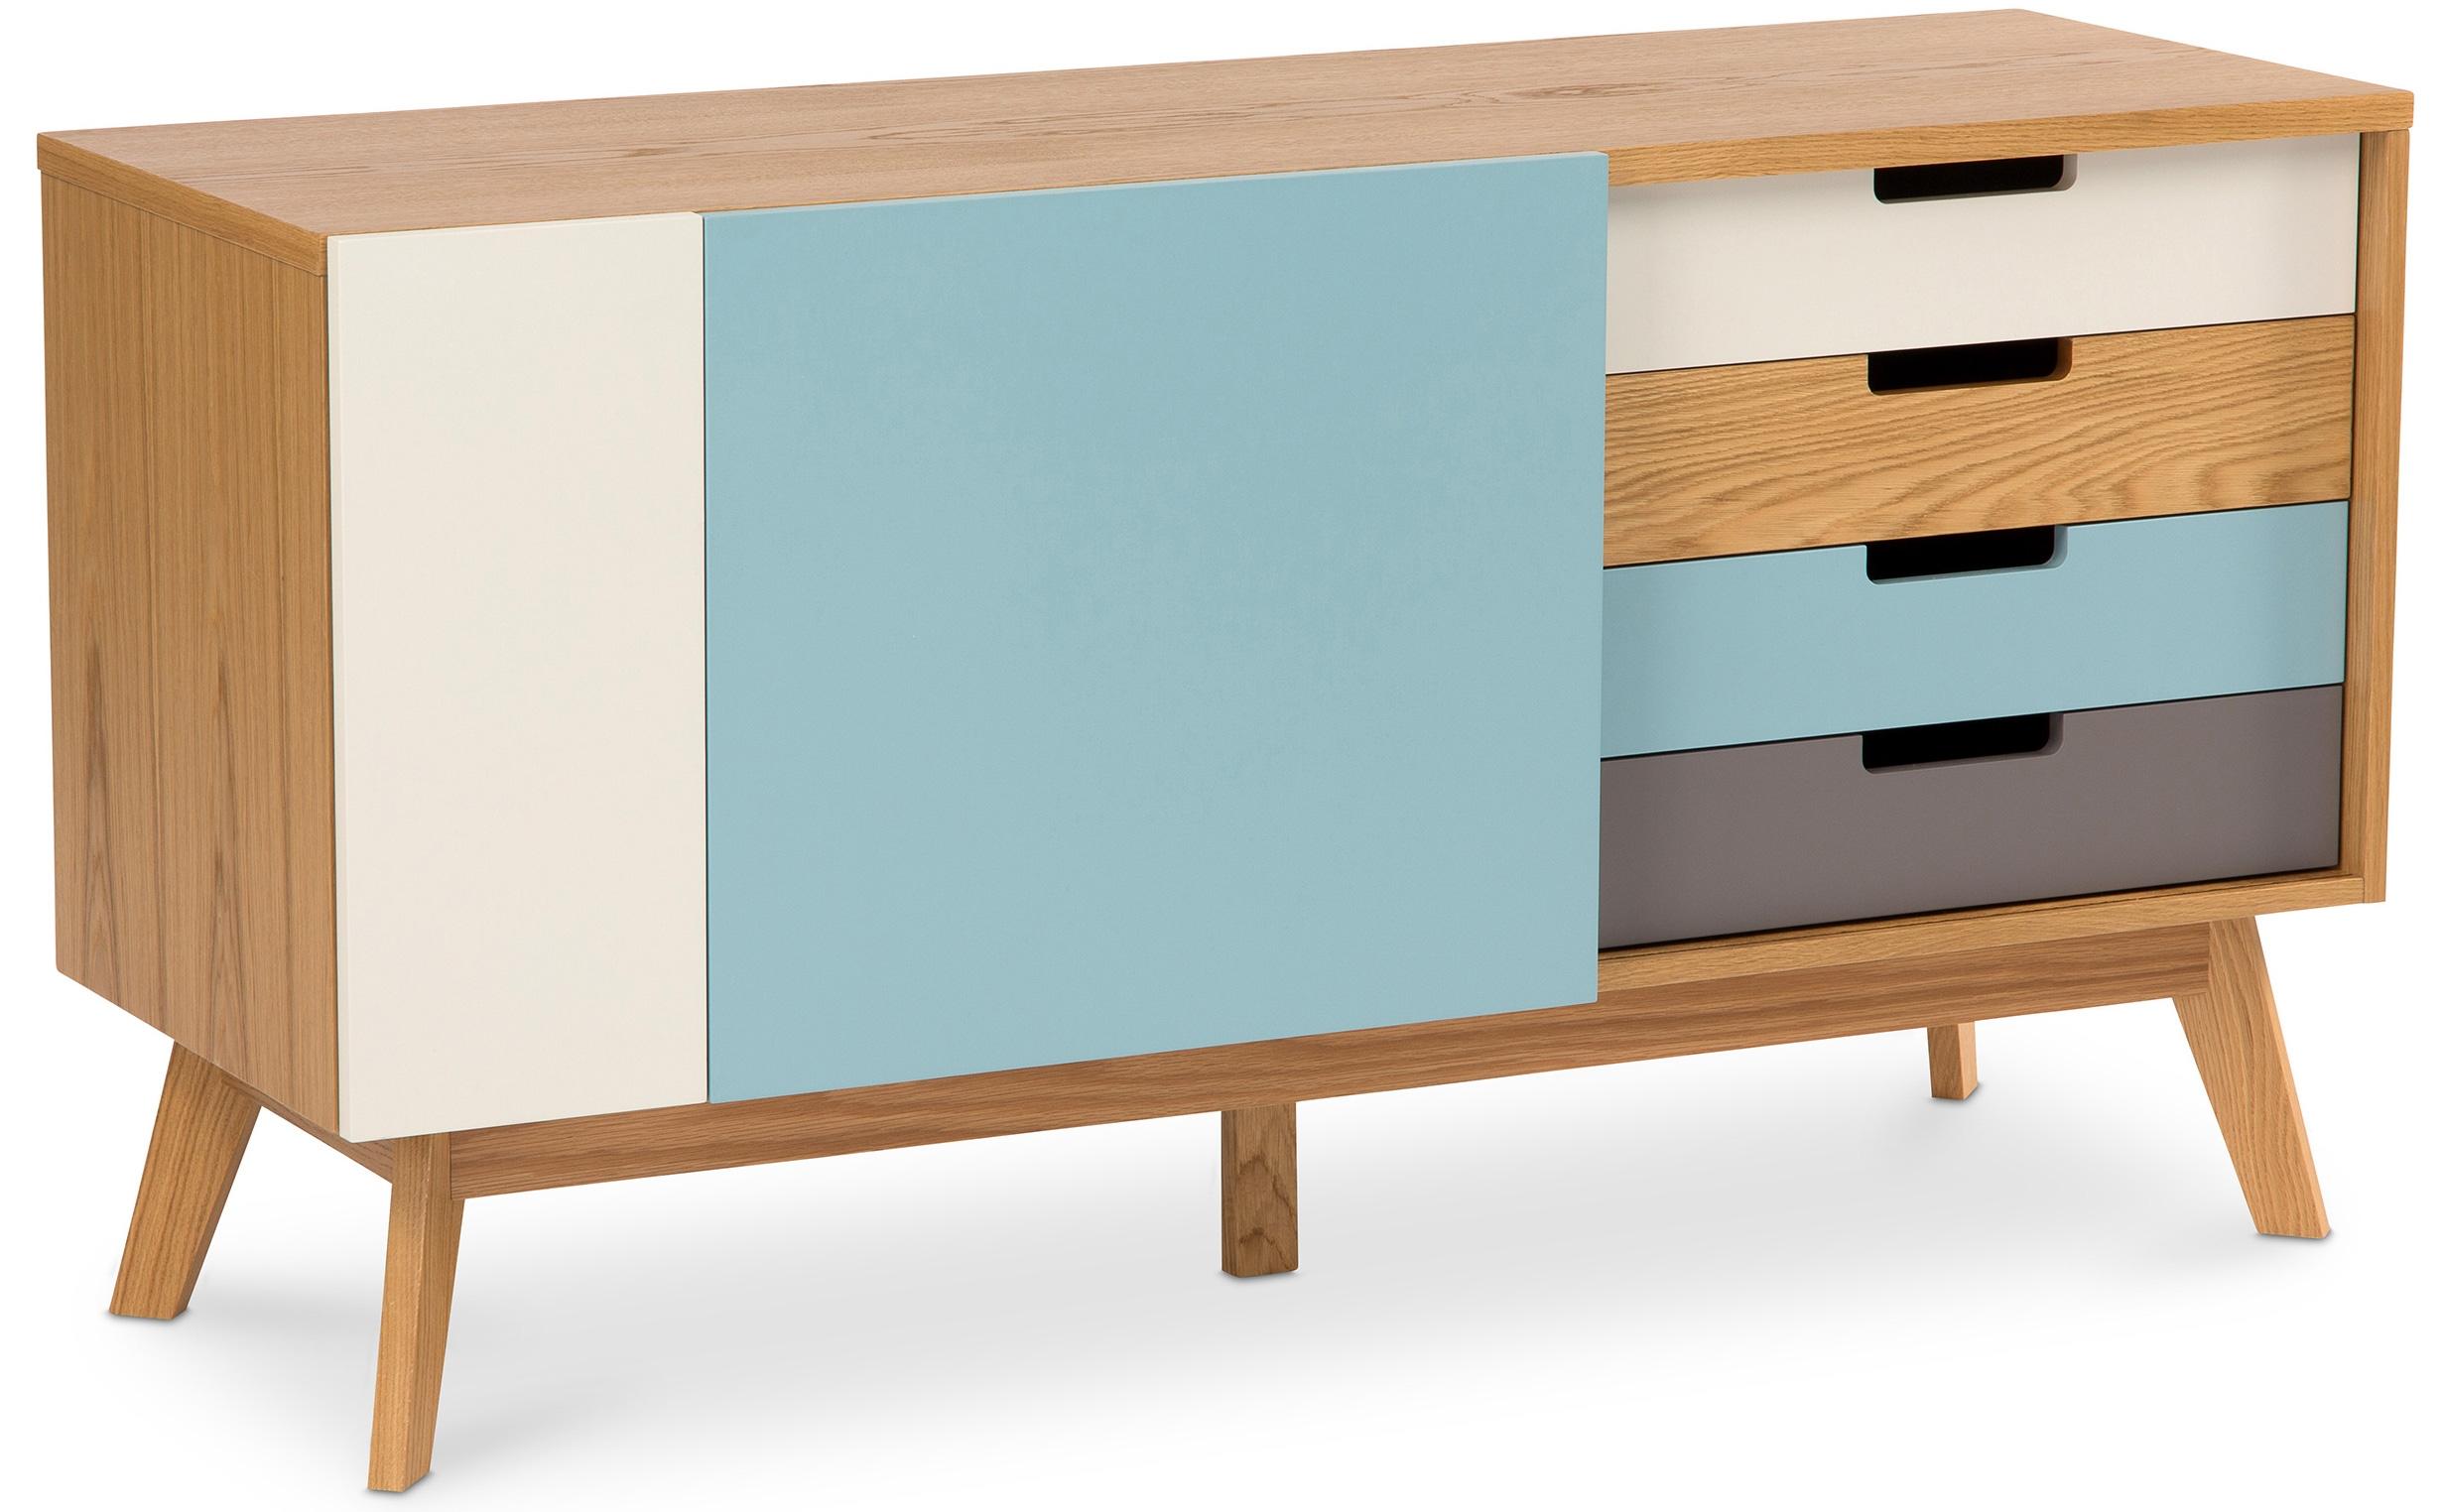 ikea st nazaire cuisine cours de cuisine saint nazaire fonctionnalies plage style cours de. Black Bedroom Furniture Sets. Home Design Ideas